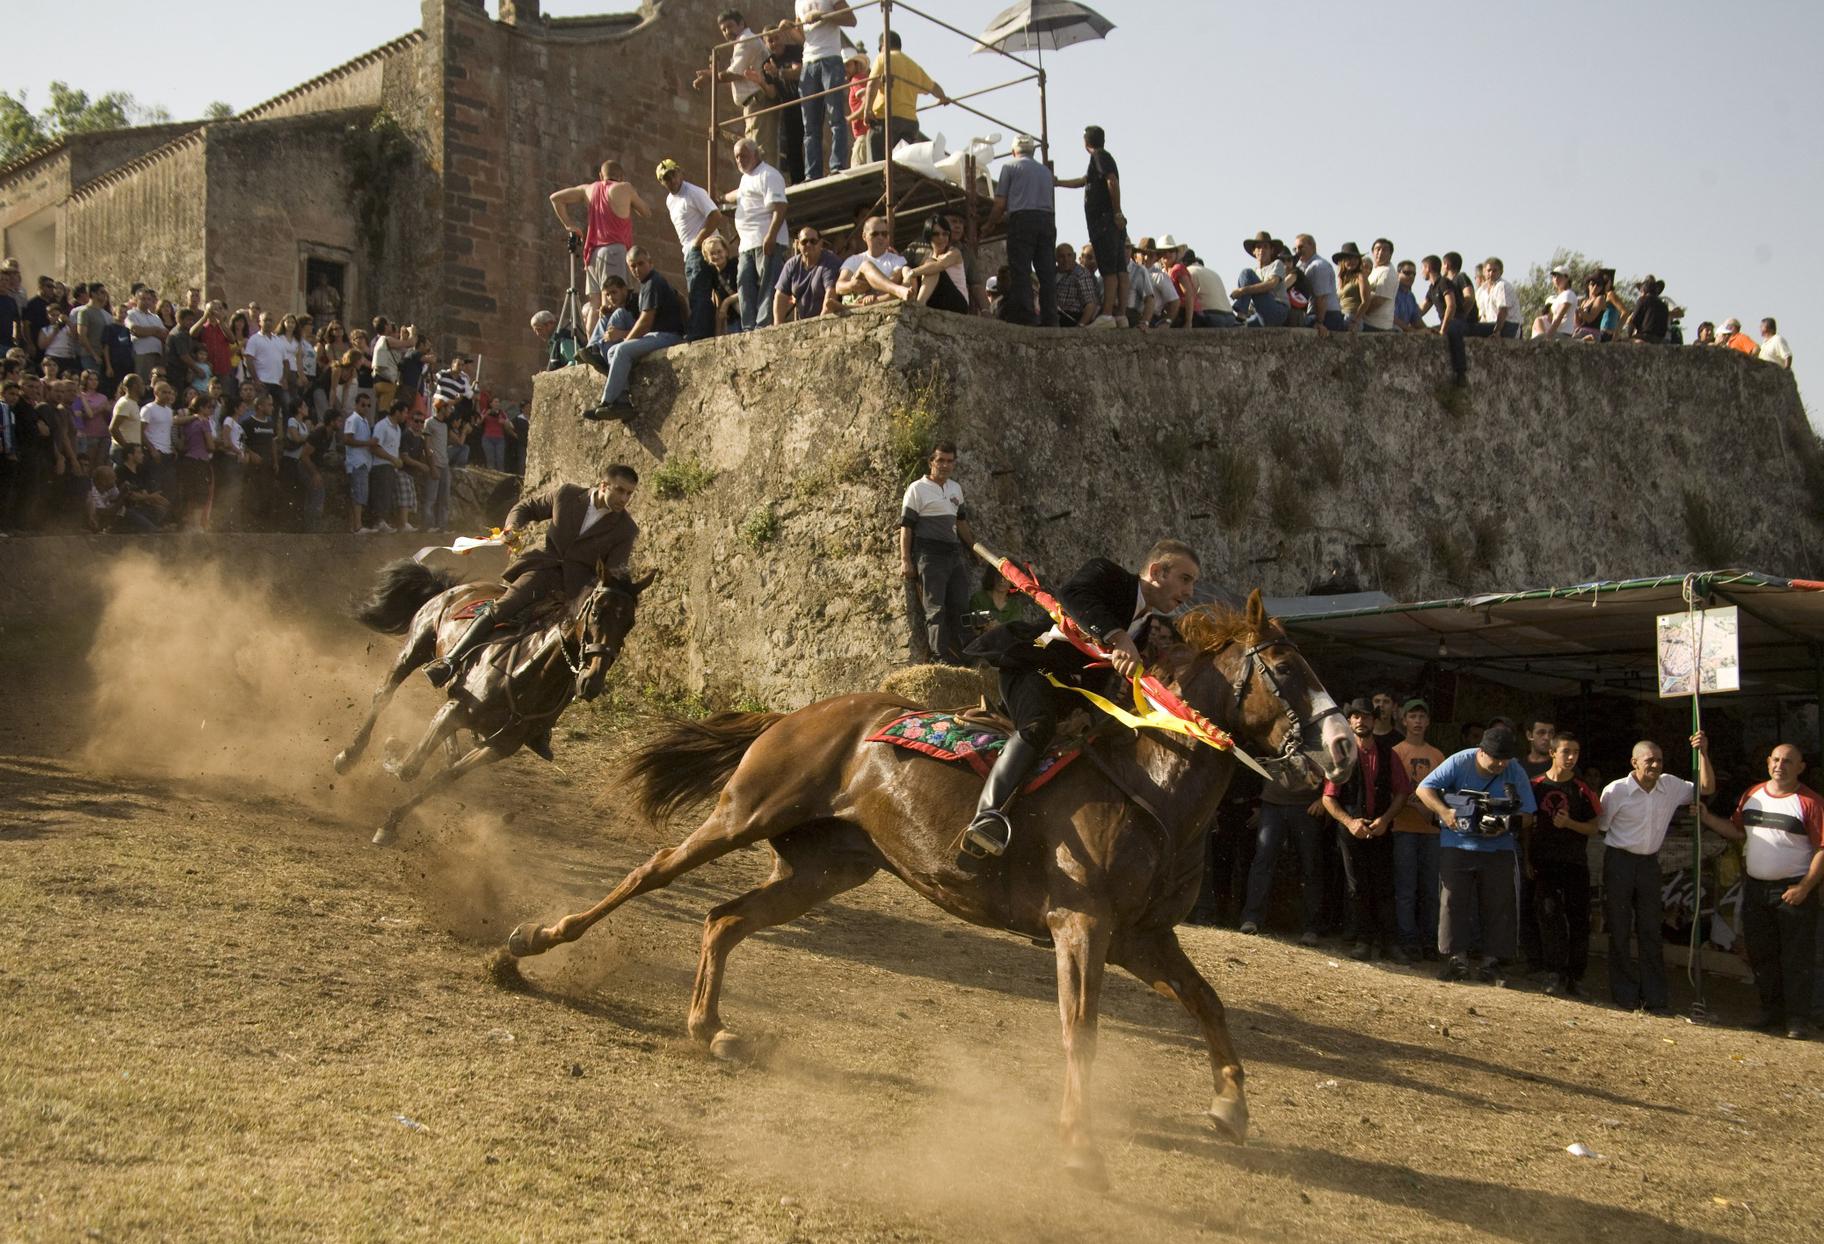 Ardia corsa di cavalli a Sedilo provincia di Oristano S'Ardia de Santu Antinu a Sedilo si svolgerà il 5, 6, 7, 19 e 20 luglio 2014 ecco il programma completo.